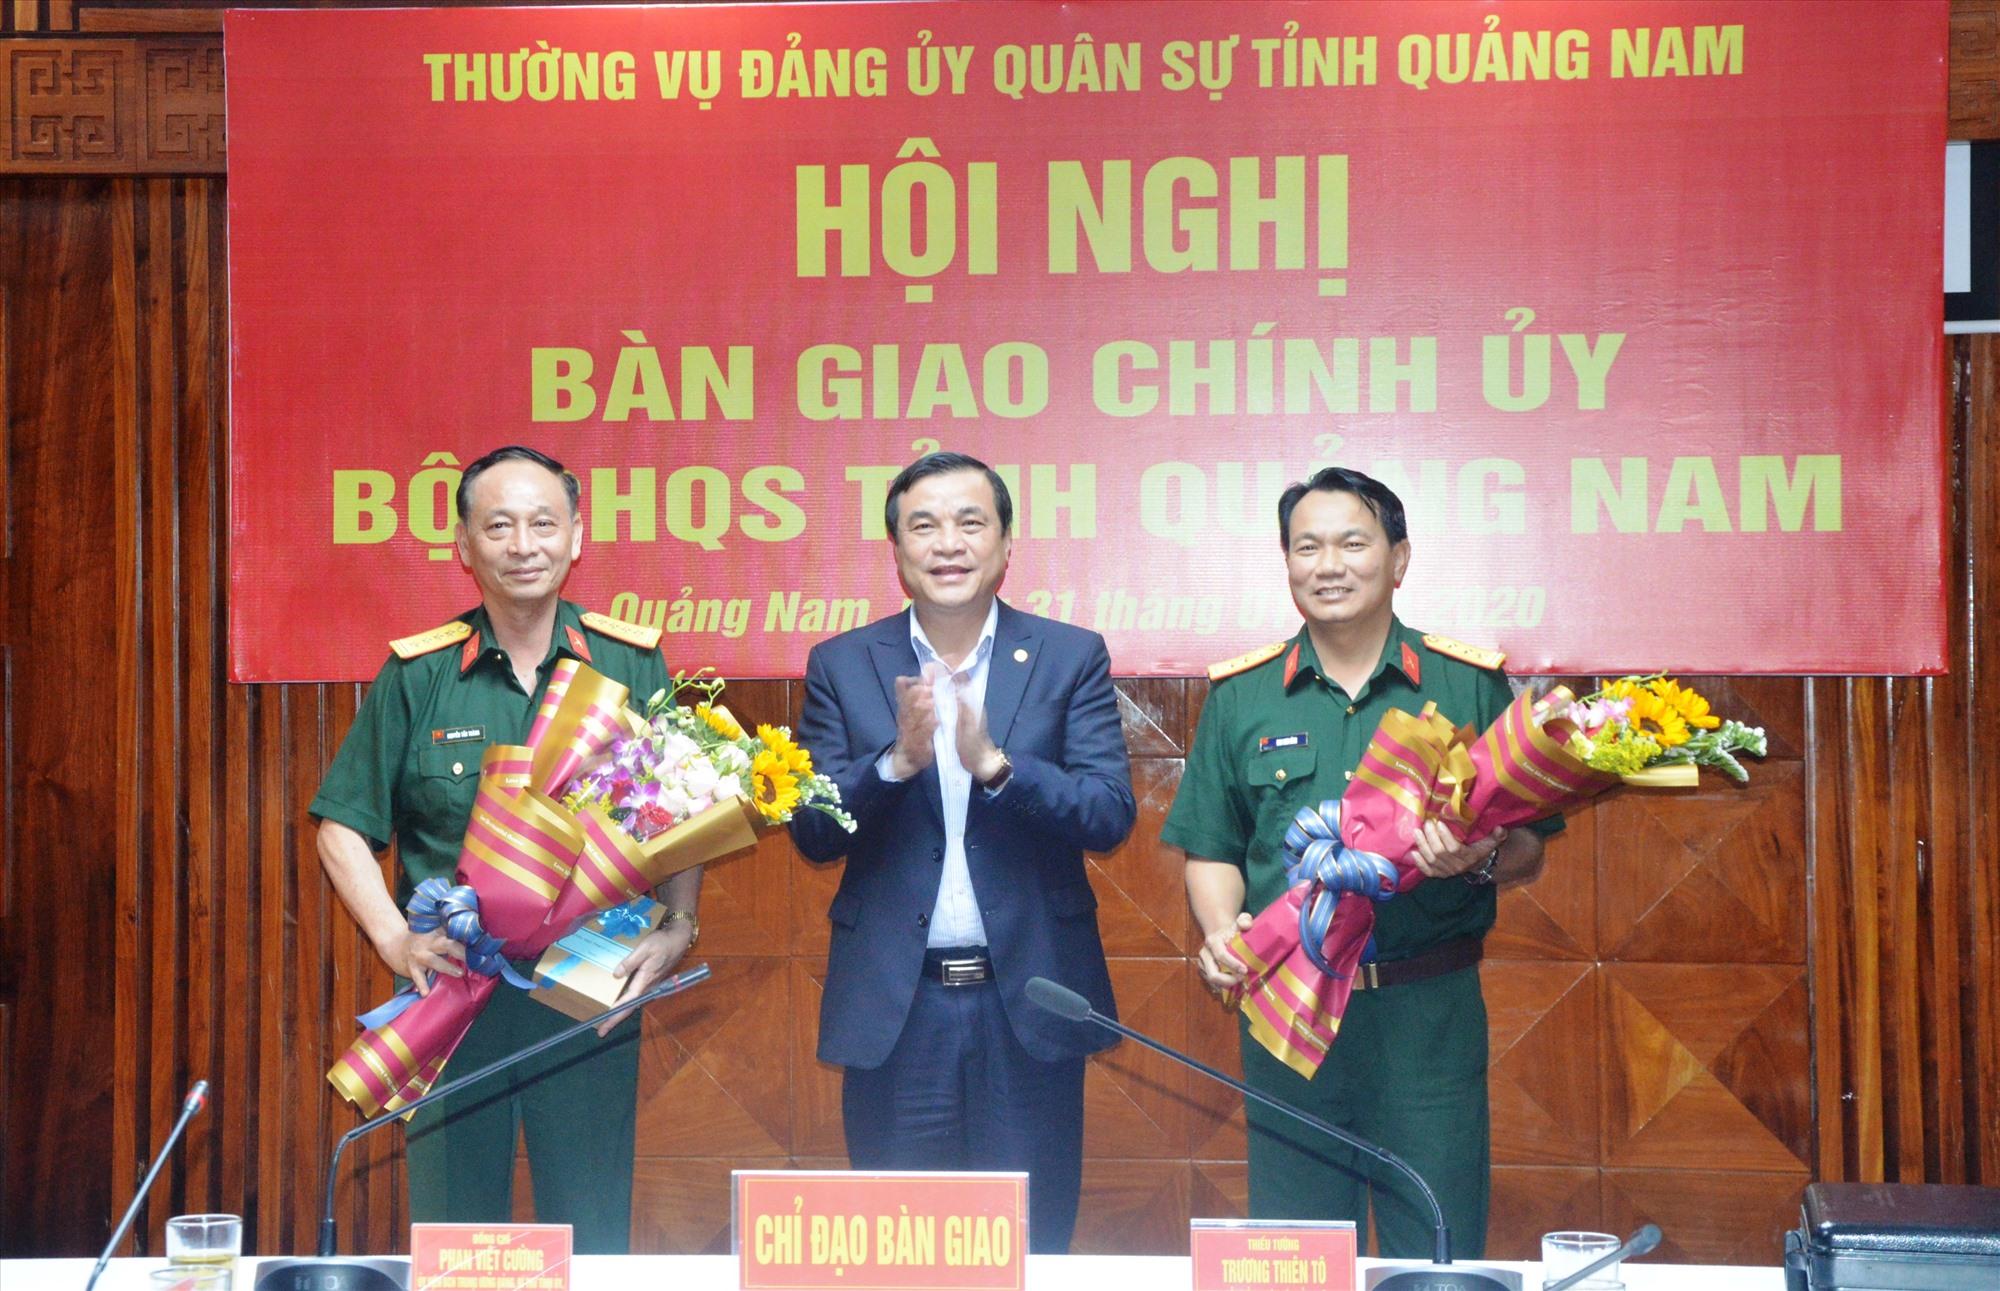 Bí thư Tỉnh ủy Phan Việt Cường tặng hoa cho Đại tá Nguyễn Tấn Thành và Thượng tá Mai Kim Bình.